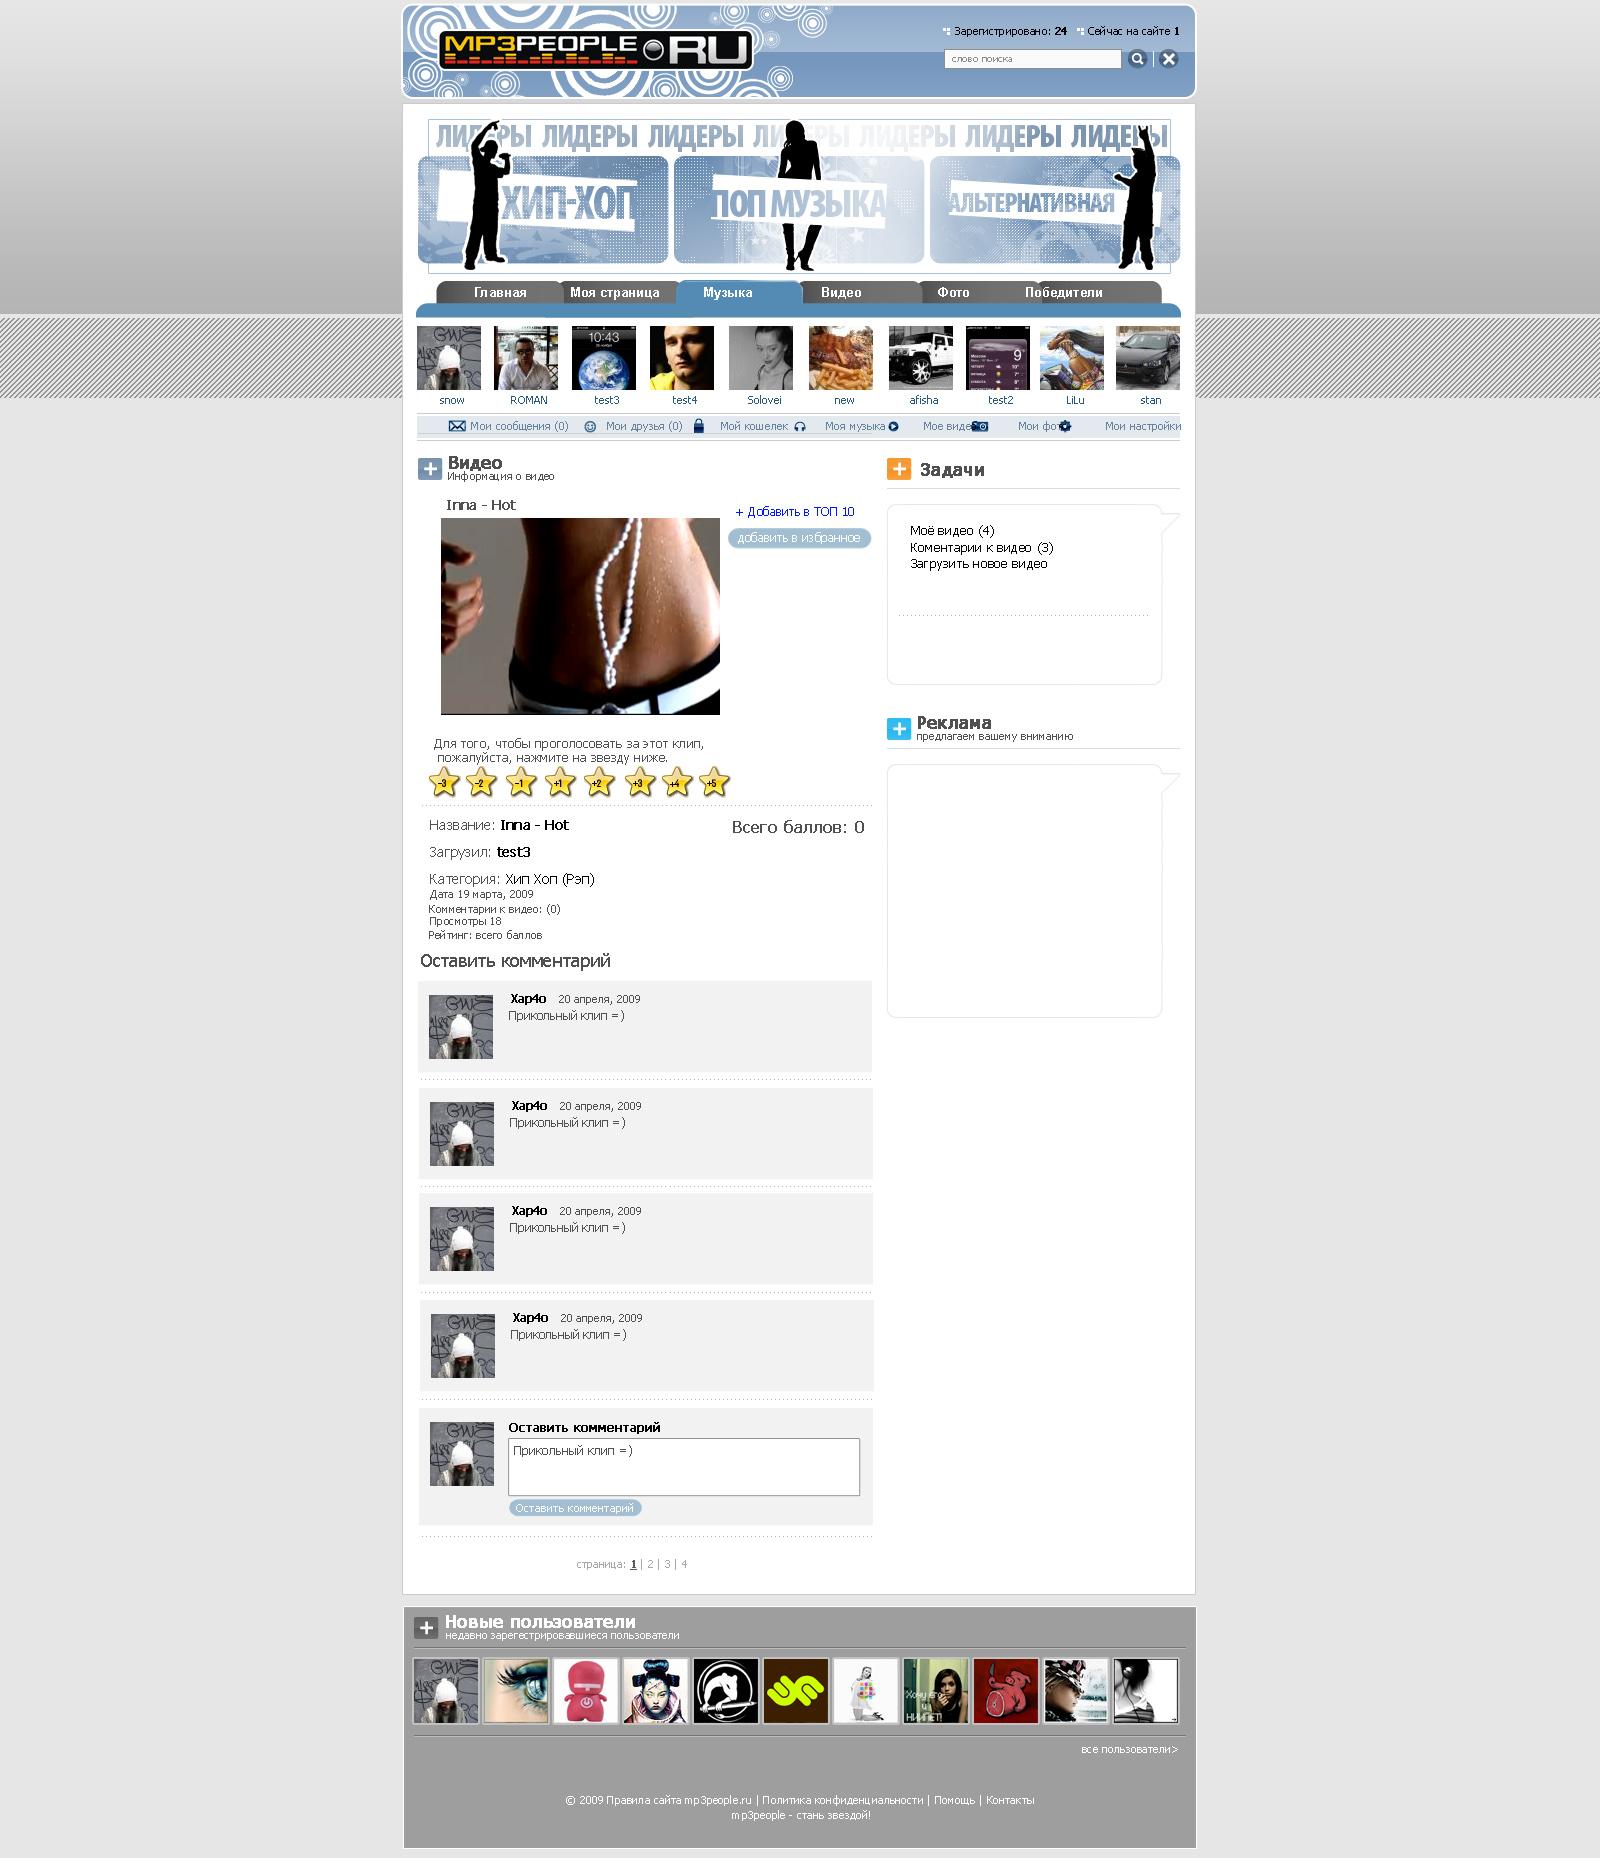 Дизайн внутренней страницы (видео)